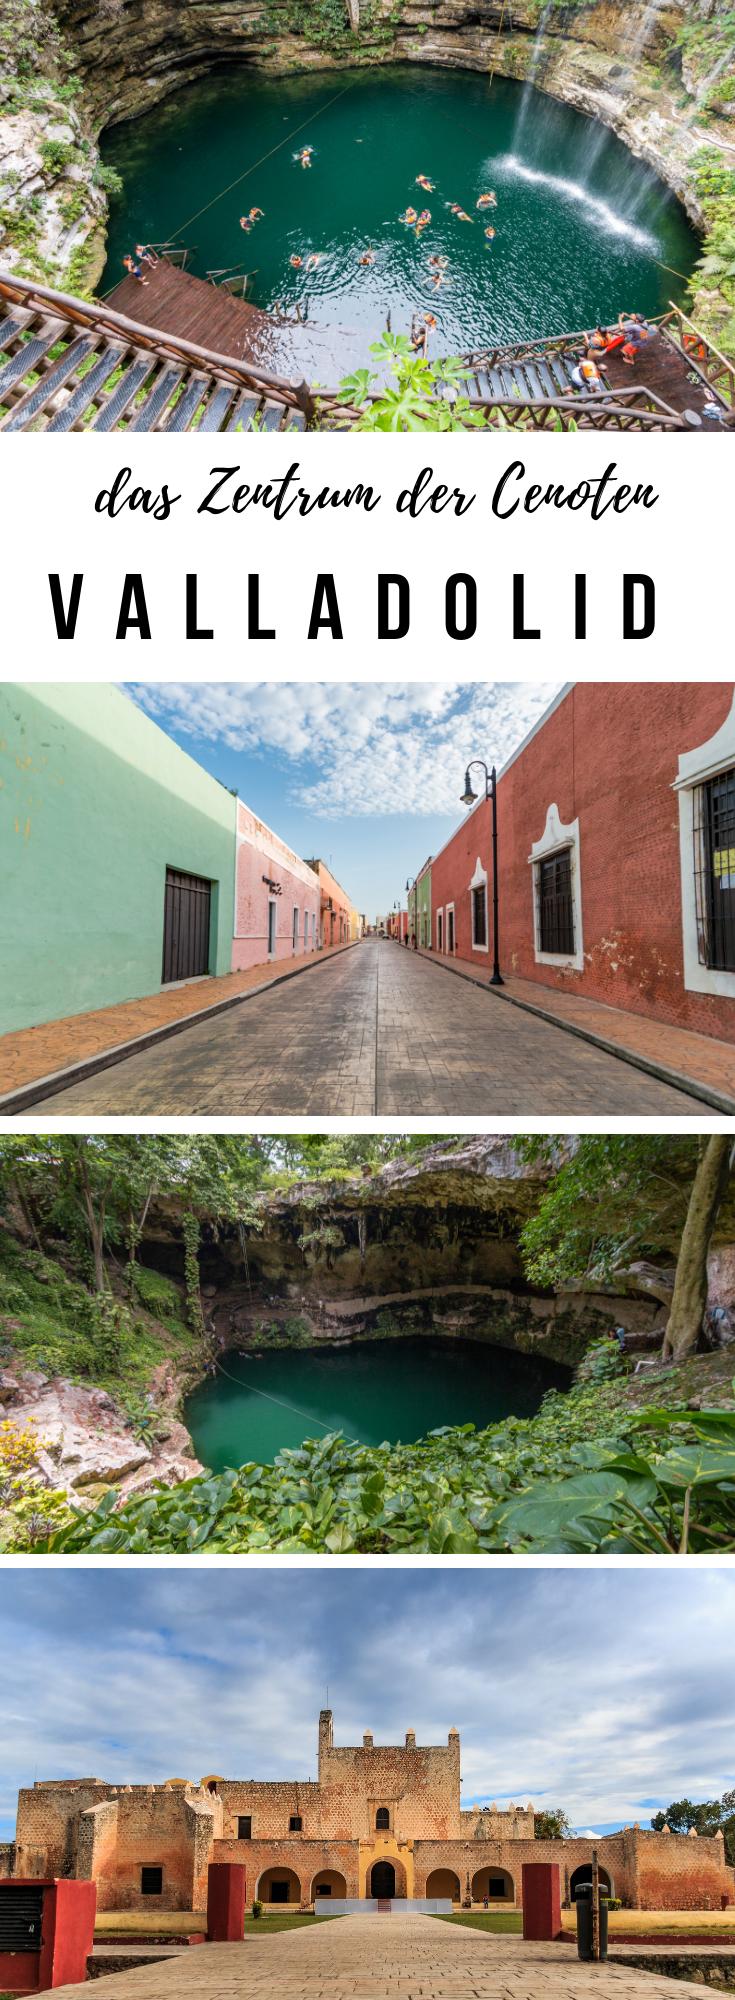 Valladolid Mexiko: Sehenswürdigkeiten, Reisetipps und Ausflugsziele #visitcuba